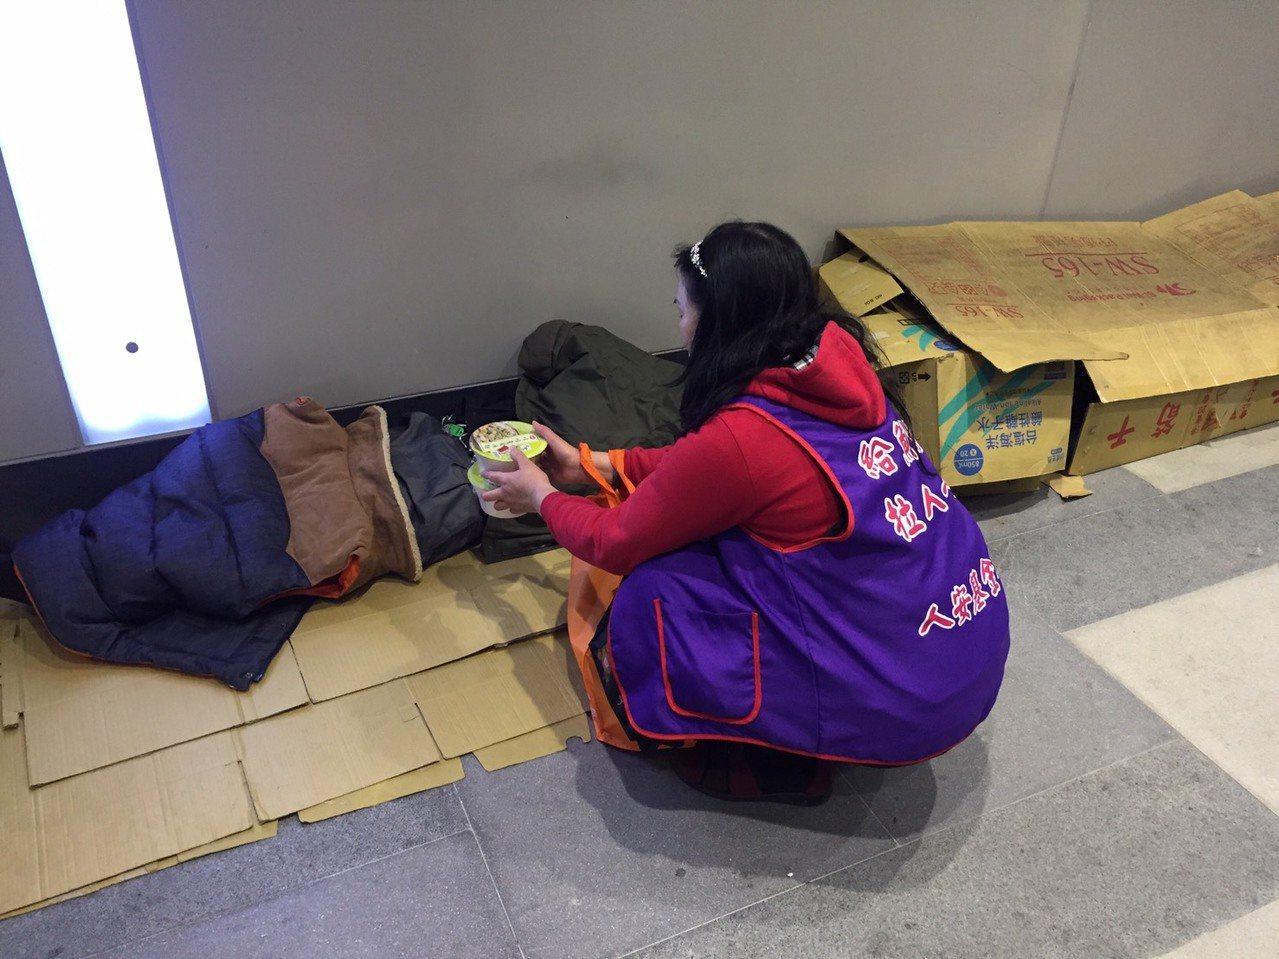 冷氣團報到,人安基隆站啟動防寒機制送熱食、暖暖包。圖/基隆平安站提供